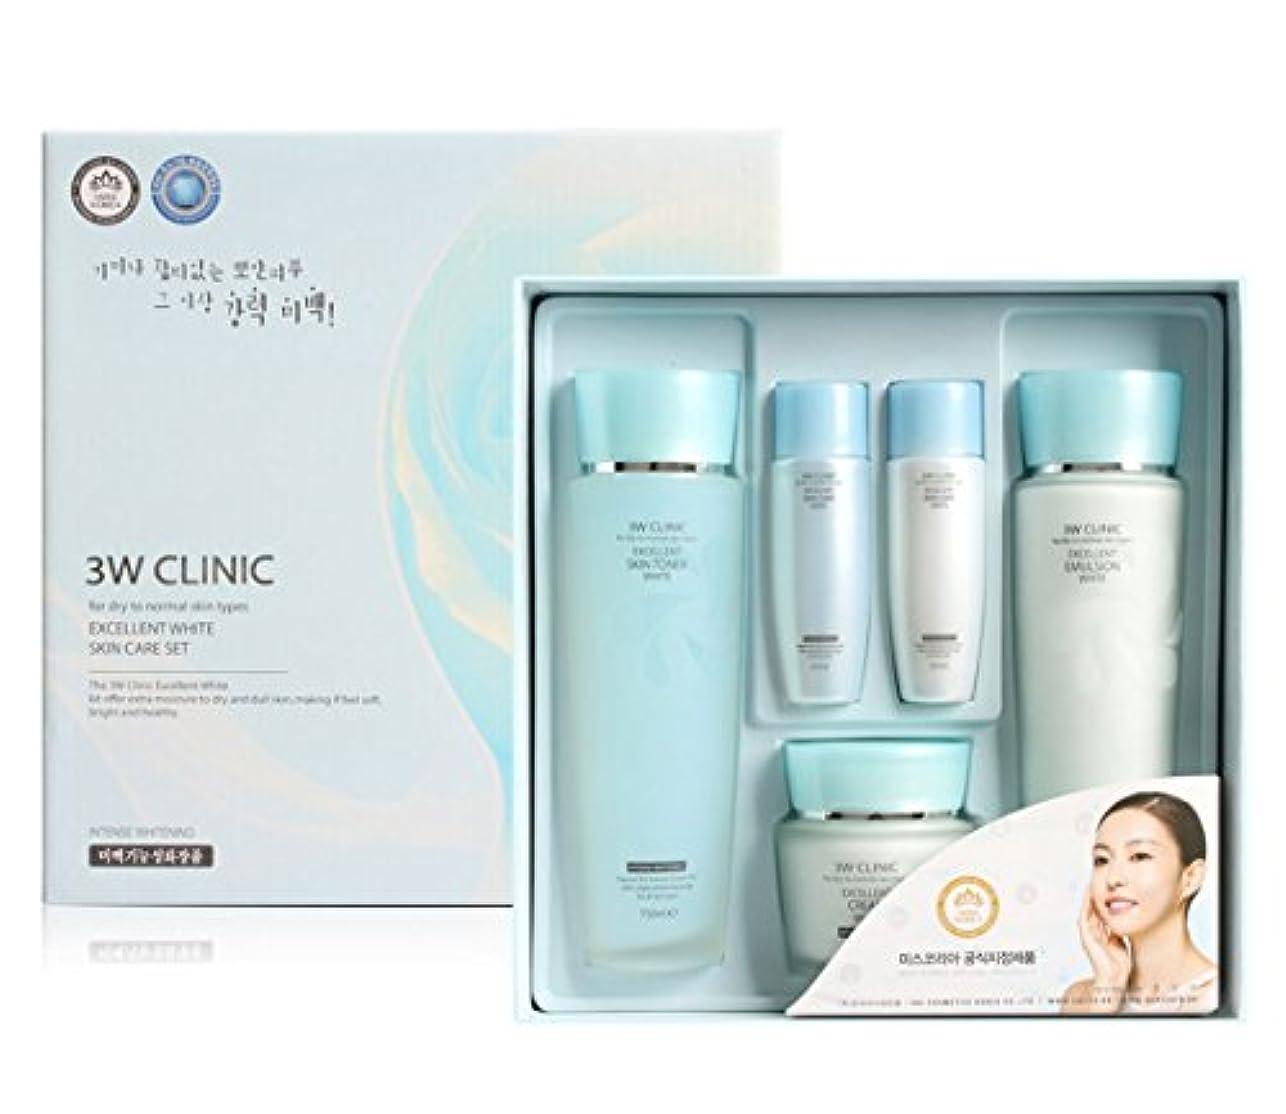 慈善追放する批判する3Wクリニック[韓国コスメ3w Clinic]Excellent White Skin Care set エクセレントホワイトスキンケア3セット,樹液,乳液,クリーム [並行輸入品]